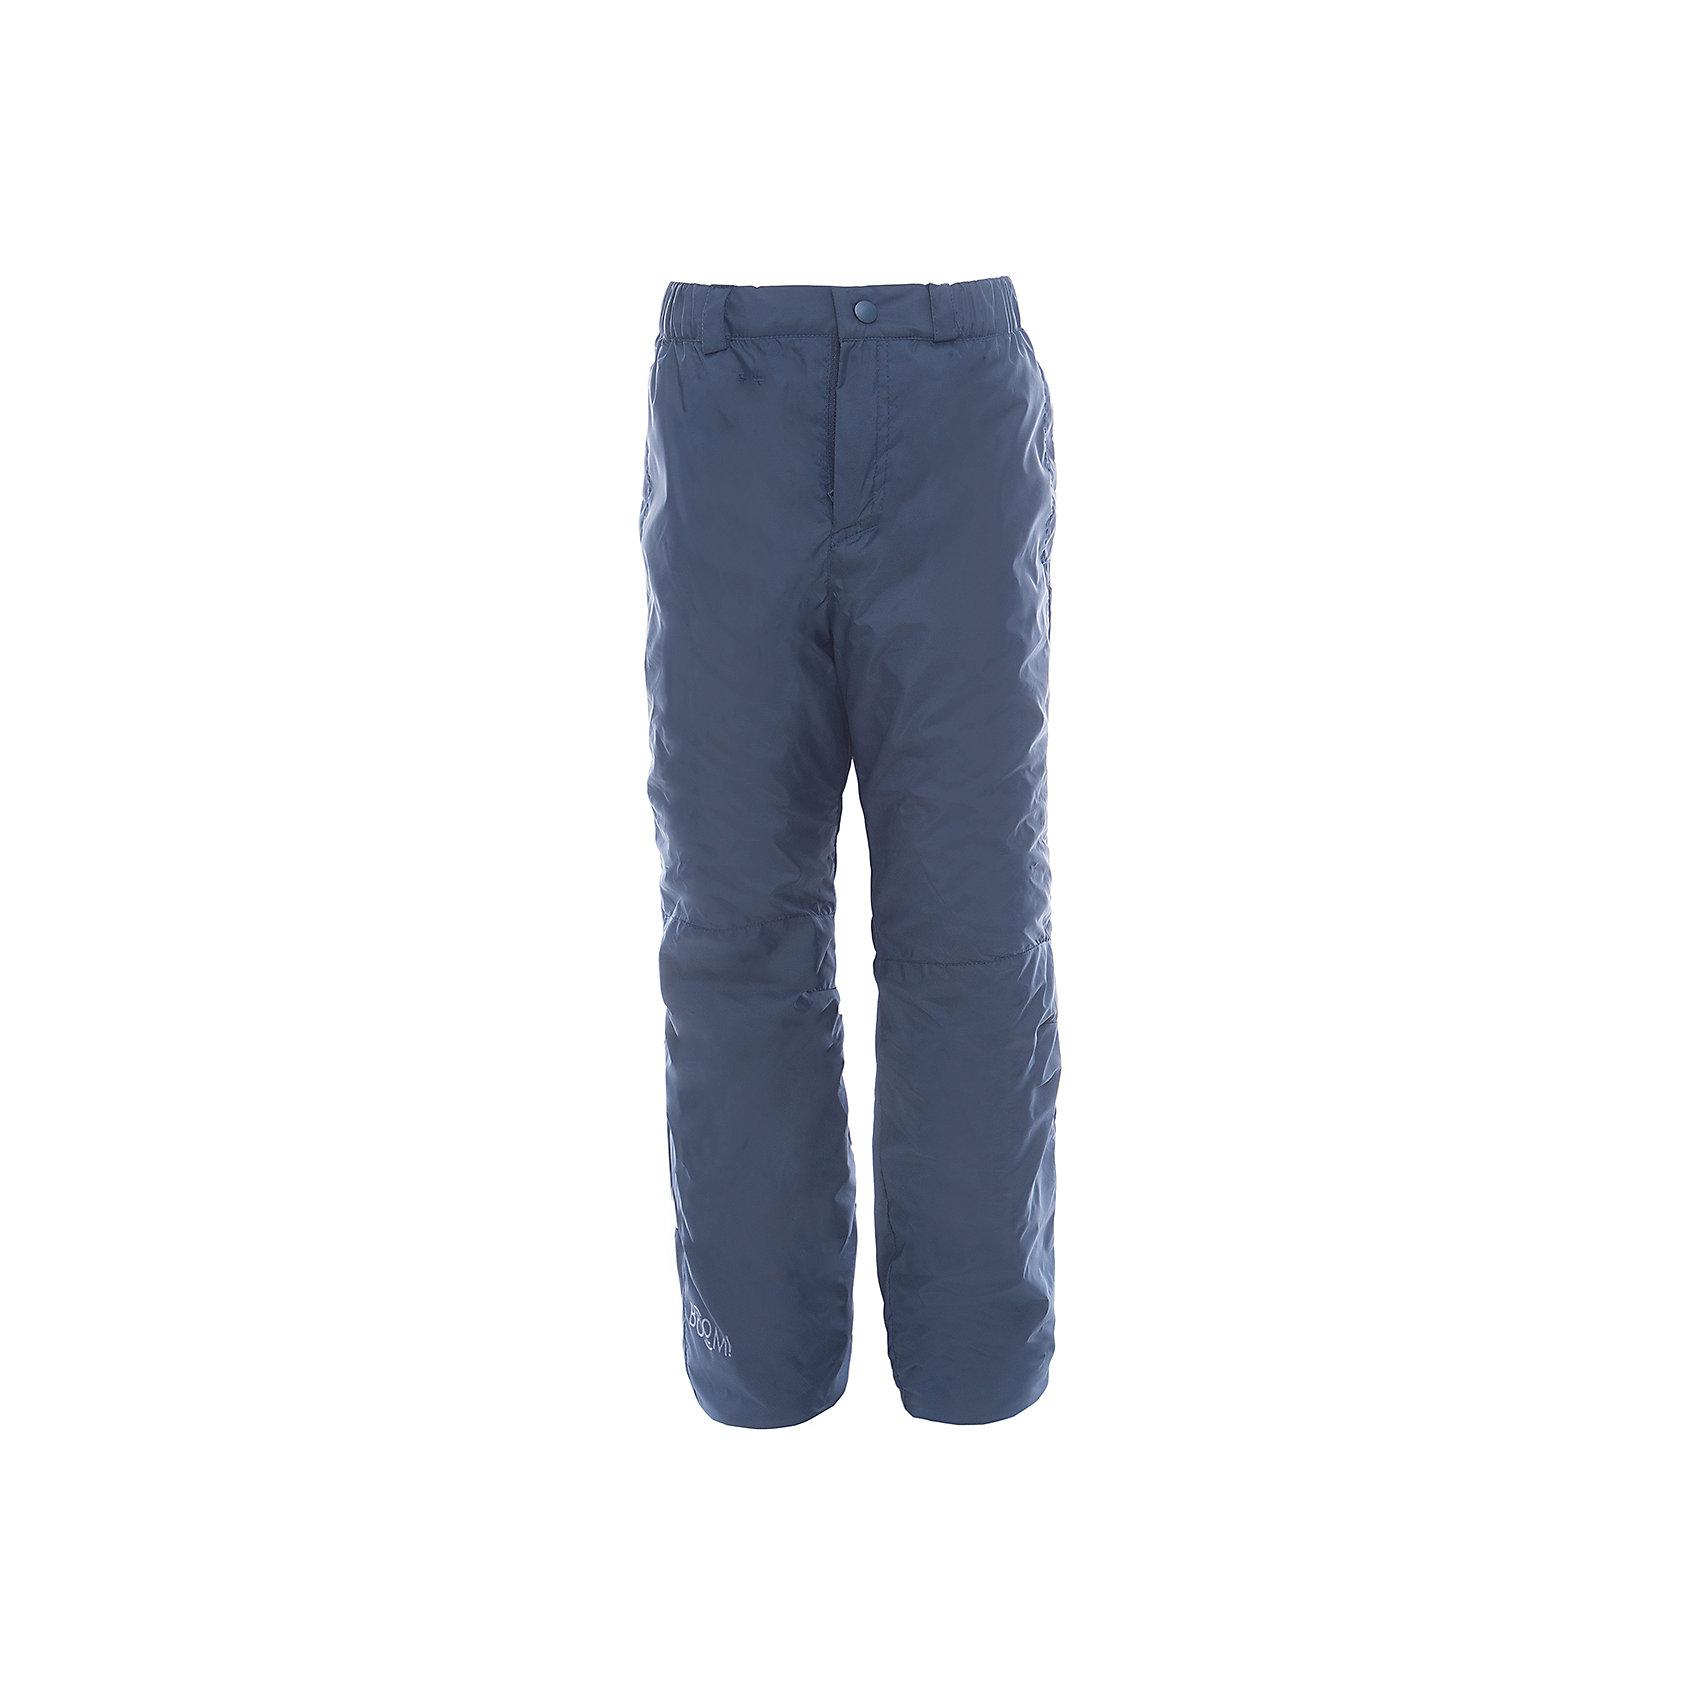 Брюки для мальчика BOOM by OrbyВерхняя одежда<br>Характеристики товара:<br><br>• цвет: синий<br>• состав: верх - таффета, подкладка - флис, без утеплителя<br>• температурный режим: от +5° до +15°С<br>• до 122 роста комплектуются съемными эластичными бретелями.<br>• с 128 роста есть регулировка по полноте и ширинка.<br>• небольшой логотип<br>• комфортная посадка<br>• страна производства: Российская Федерация<br>• страна бренда: Российская Федерация<br>• коллекция: весна-лето 2017<br><br>Такие брюки - универсальный вариант для межсезонья с постоянно меняющейся погодой. Эта модель - модная и удобная одновременно! Изделие отличается стильным продуманным дизайном. Брюки хорошо сидят по фигуре, отлично сочетаются с различным верхом. Вещь была разработана специально для детей.<br><br>Брюки для мальчика от бренда BOOM by Orby можно купить в нашем интернет-магазине.<br><br>Ширина мм: 215<br>Глубина мм: 88<br>Высота мм: 191<br>Вес г: 336<br>Цвет: синий<br>Возраст от месяцев: 84<br>Возраст до месяцев: 96<br>Пол: Мужской<br>Возраст: Детский<br>Размер: 128,134,140,146,152,158,104,110,92,98,116,122<br>SKU: 5343932